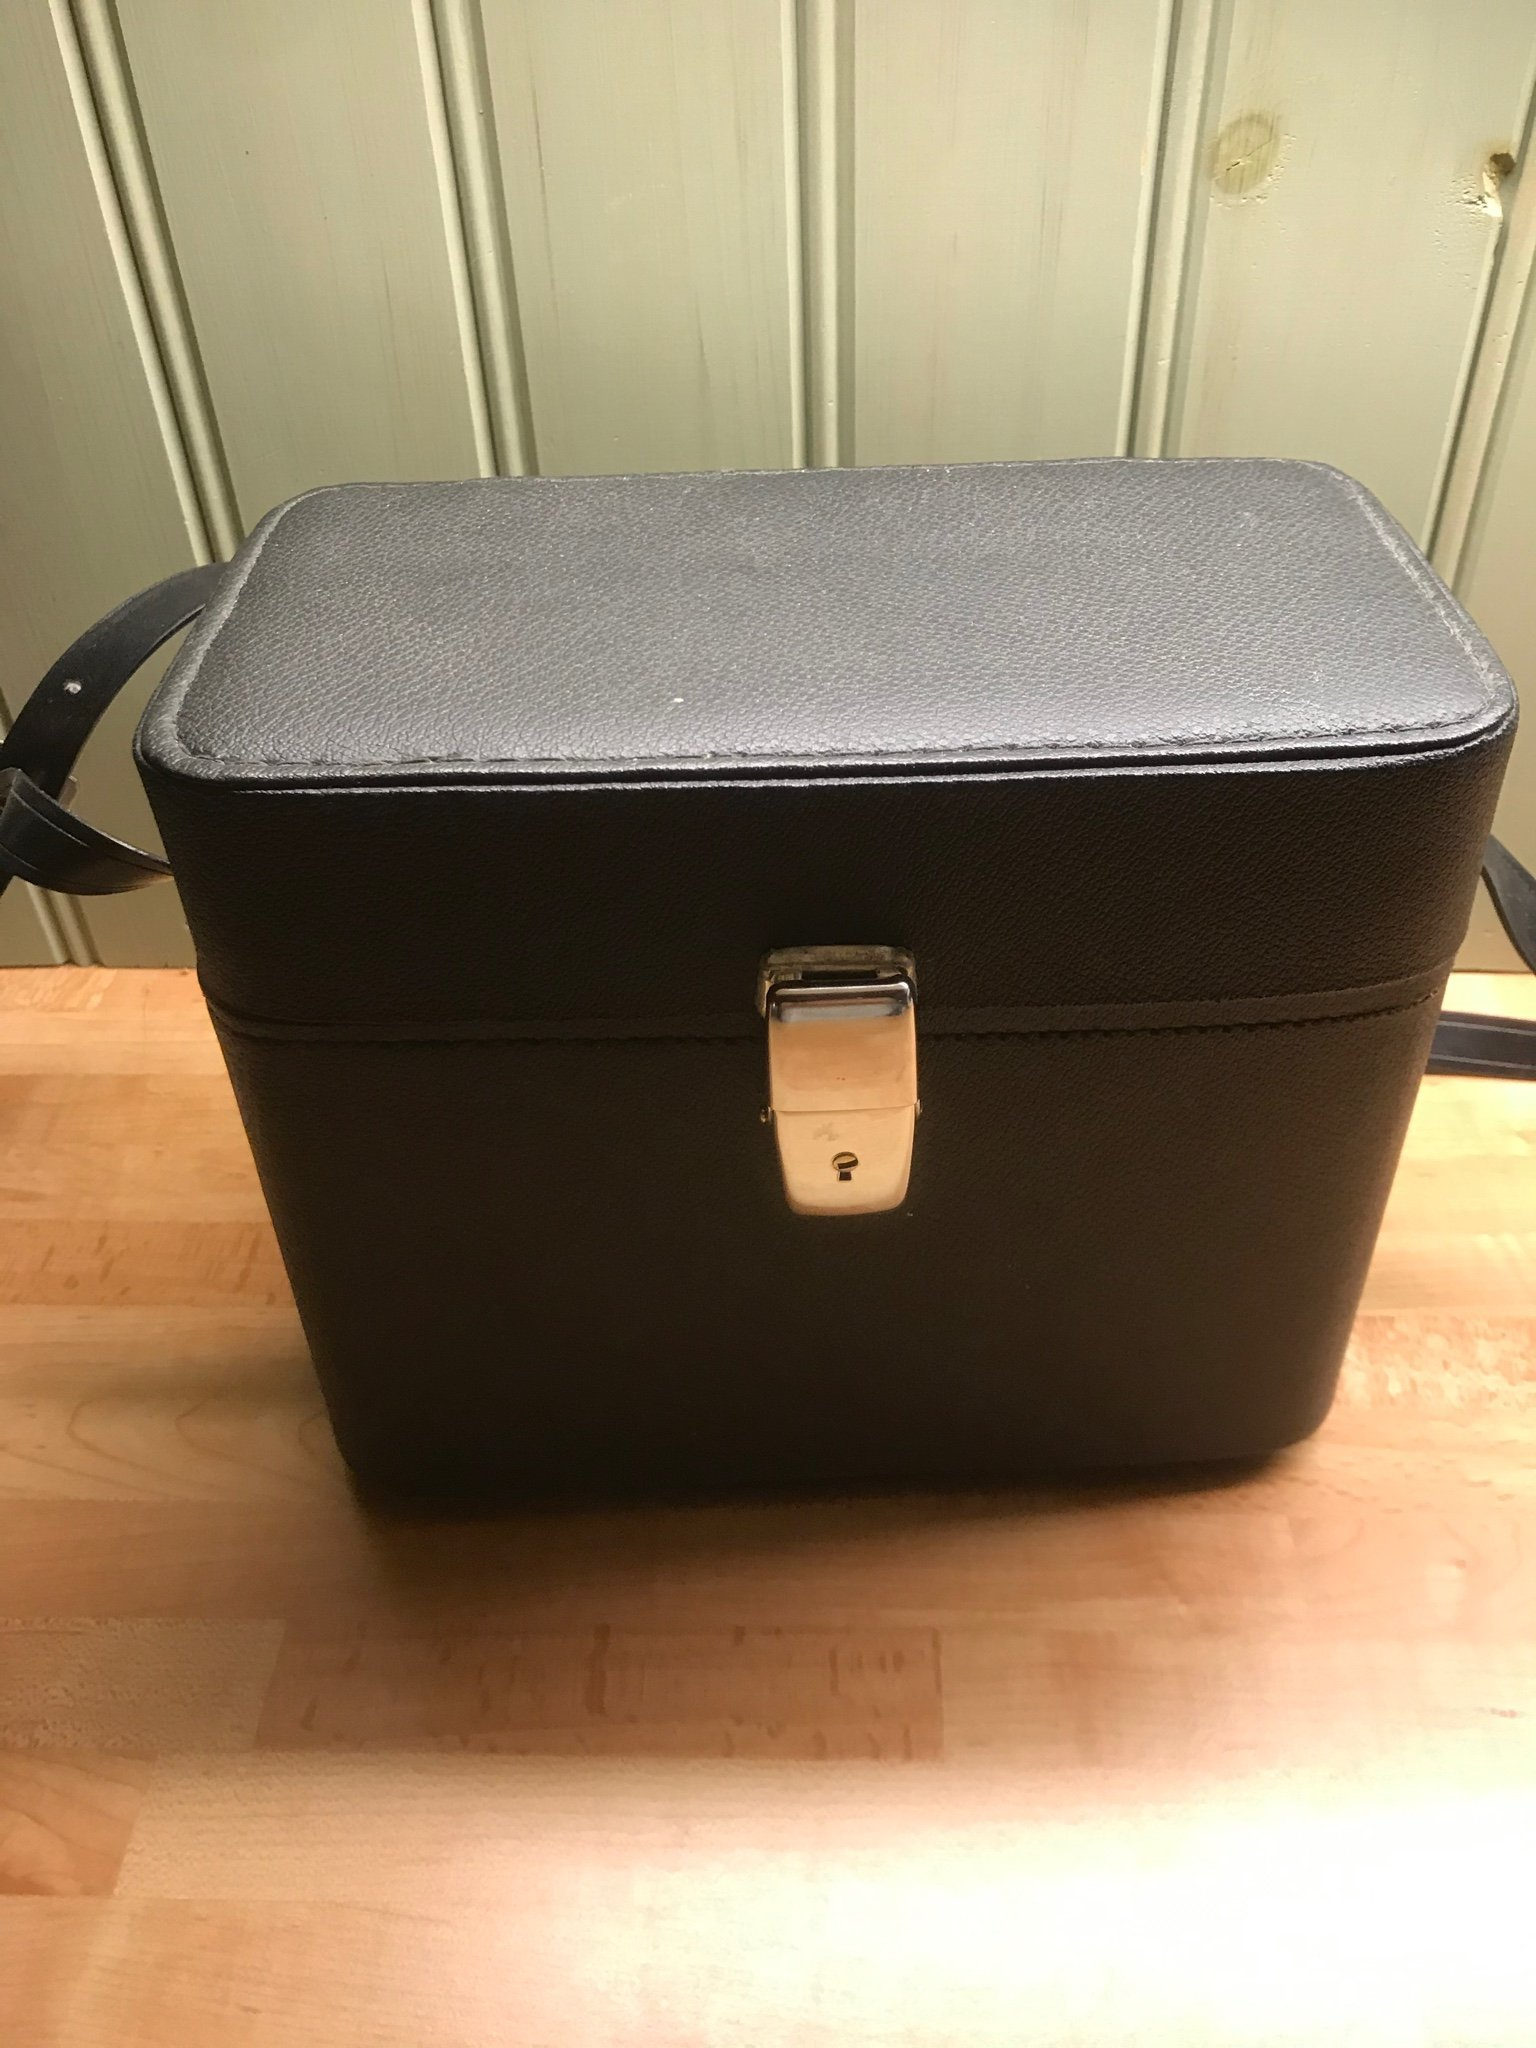 Chinon CM 4, systemkamera i svart väska.